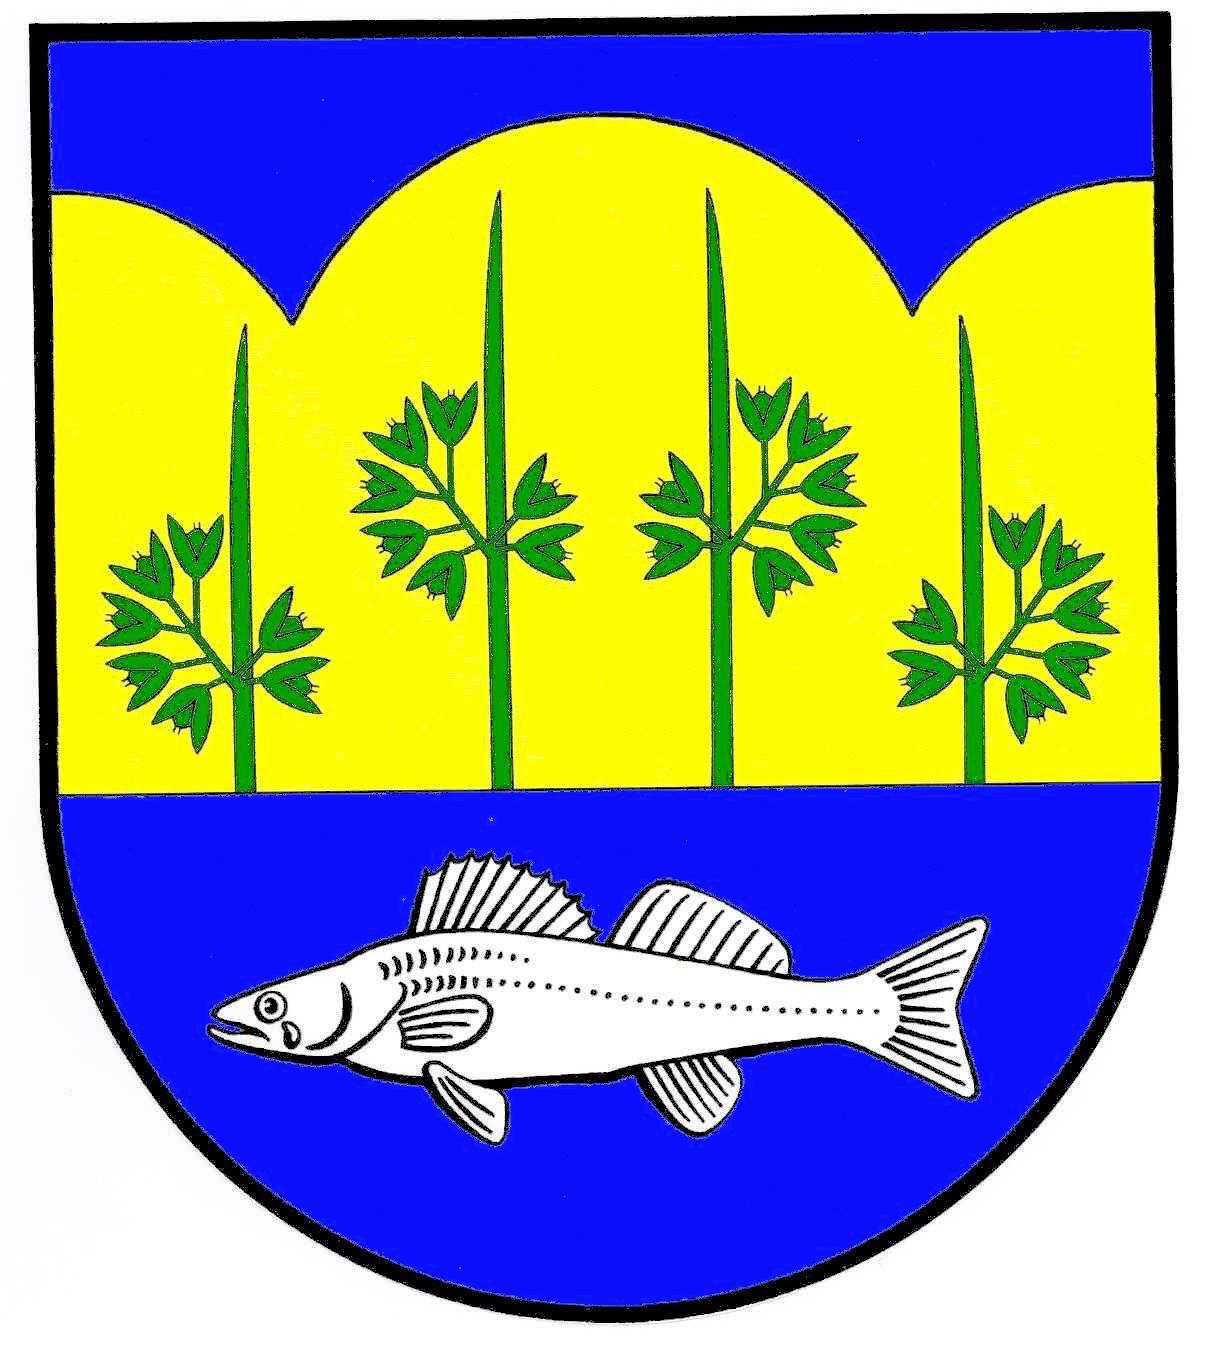 Wappen GemeindeBistensee, Kreis Rendsburg-Eckernförde